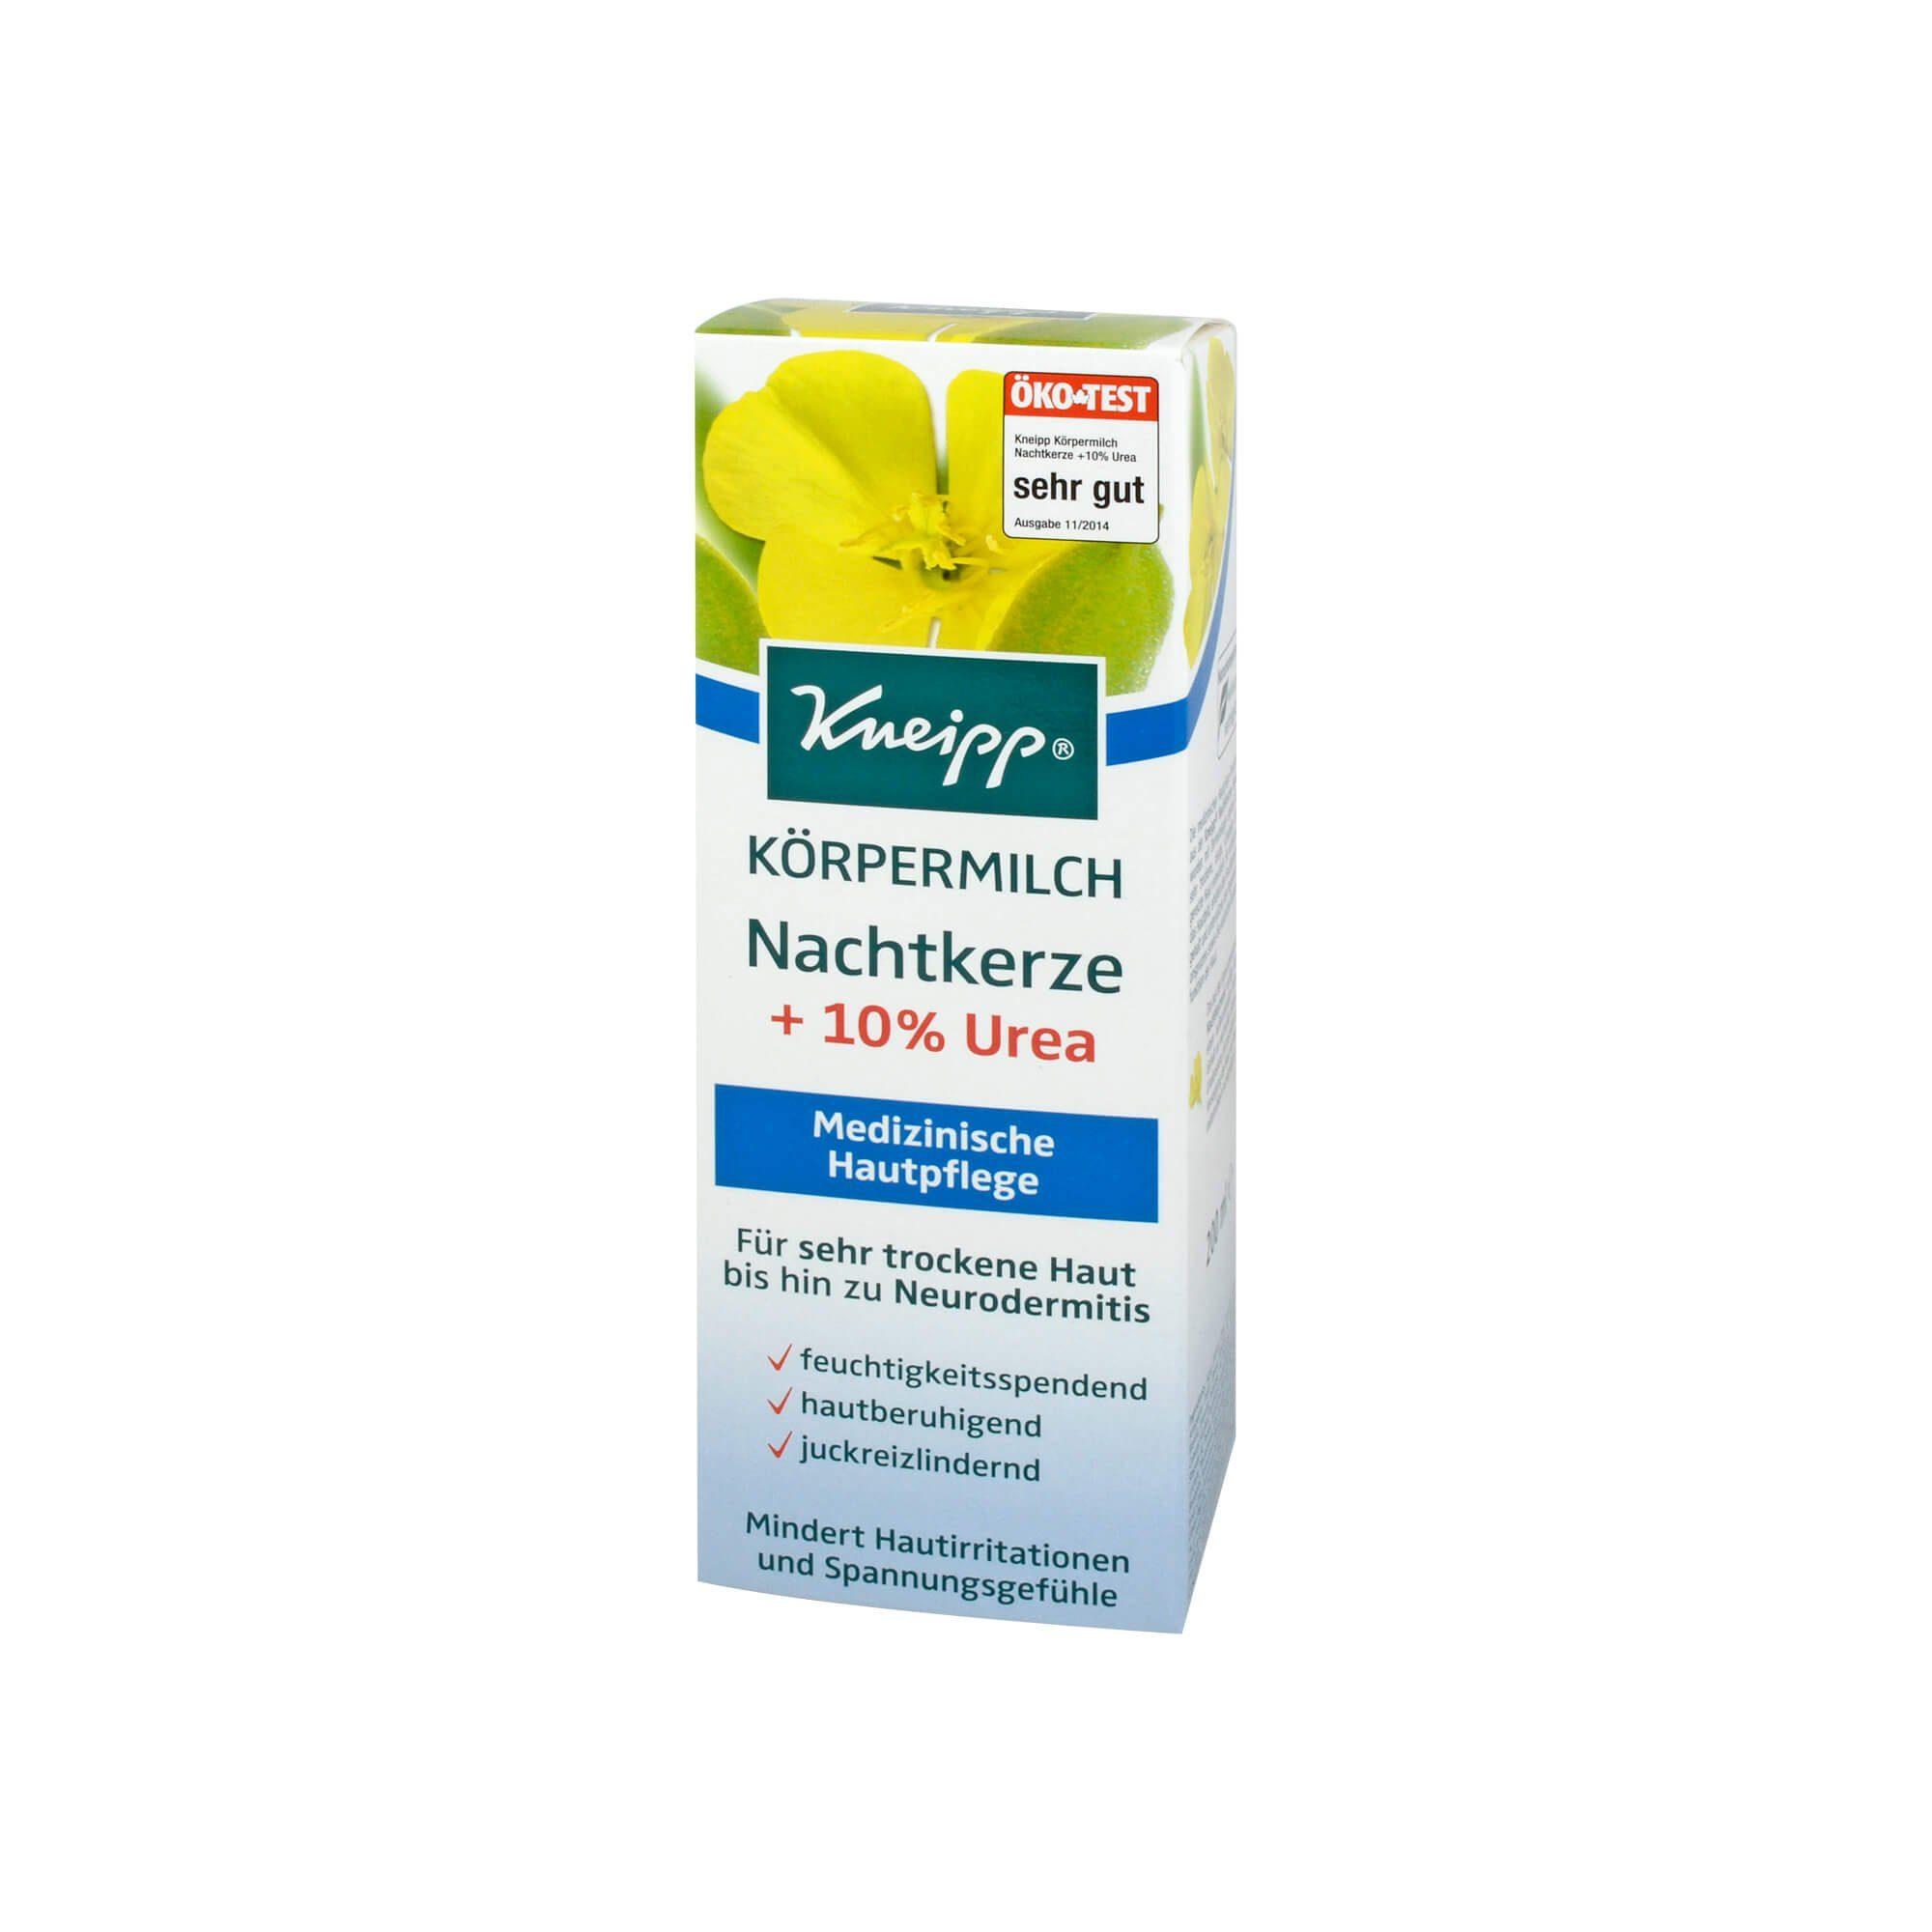 Kneipp Körpermilch Nachtkerze + 10 % Urea, 200 ml